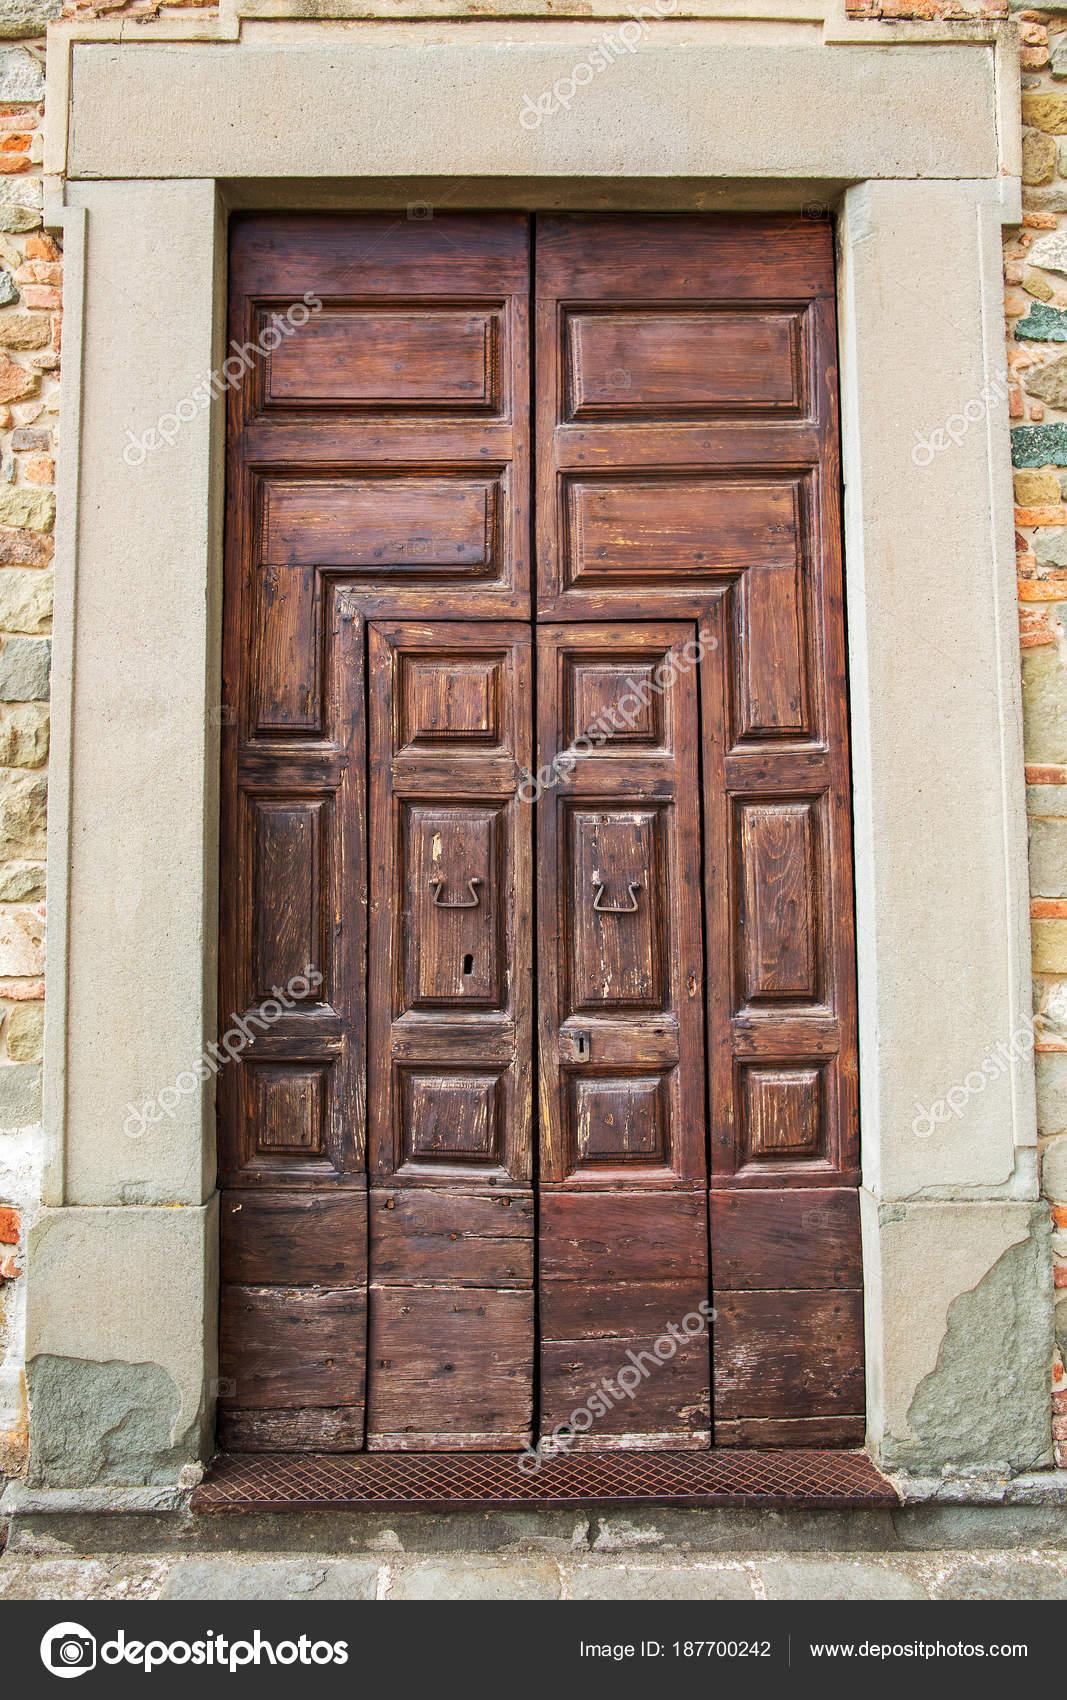 Italian door in small village u2014 Stock Photo & italian door in small village u2014 Stock Photo © sichkarenko_com #187700242